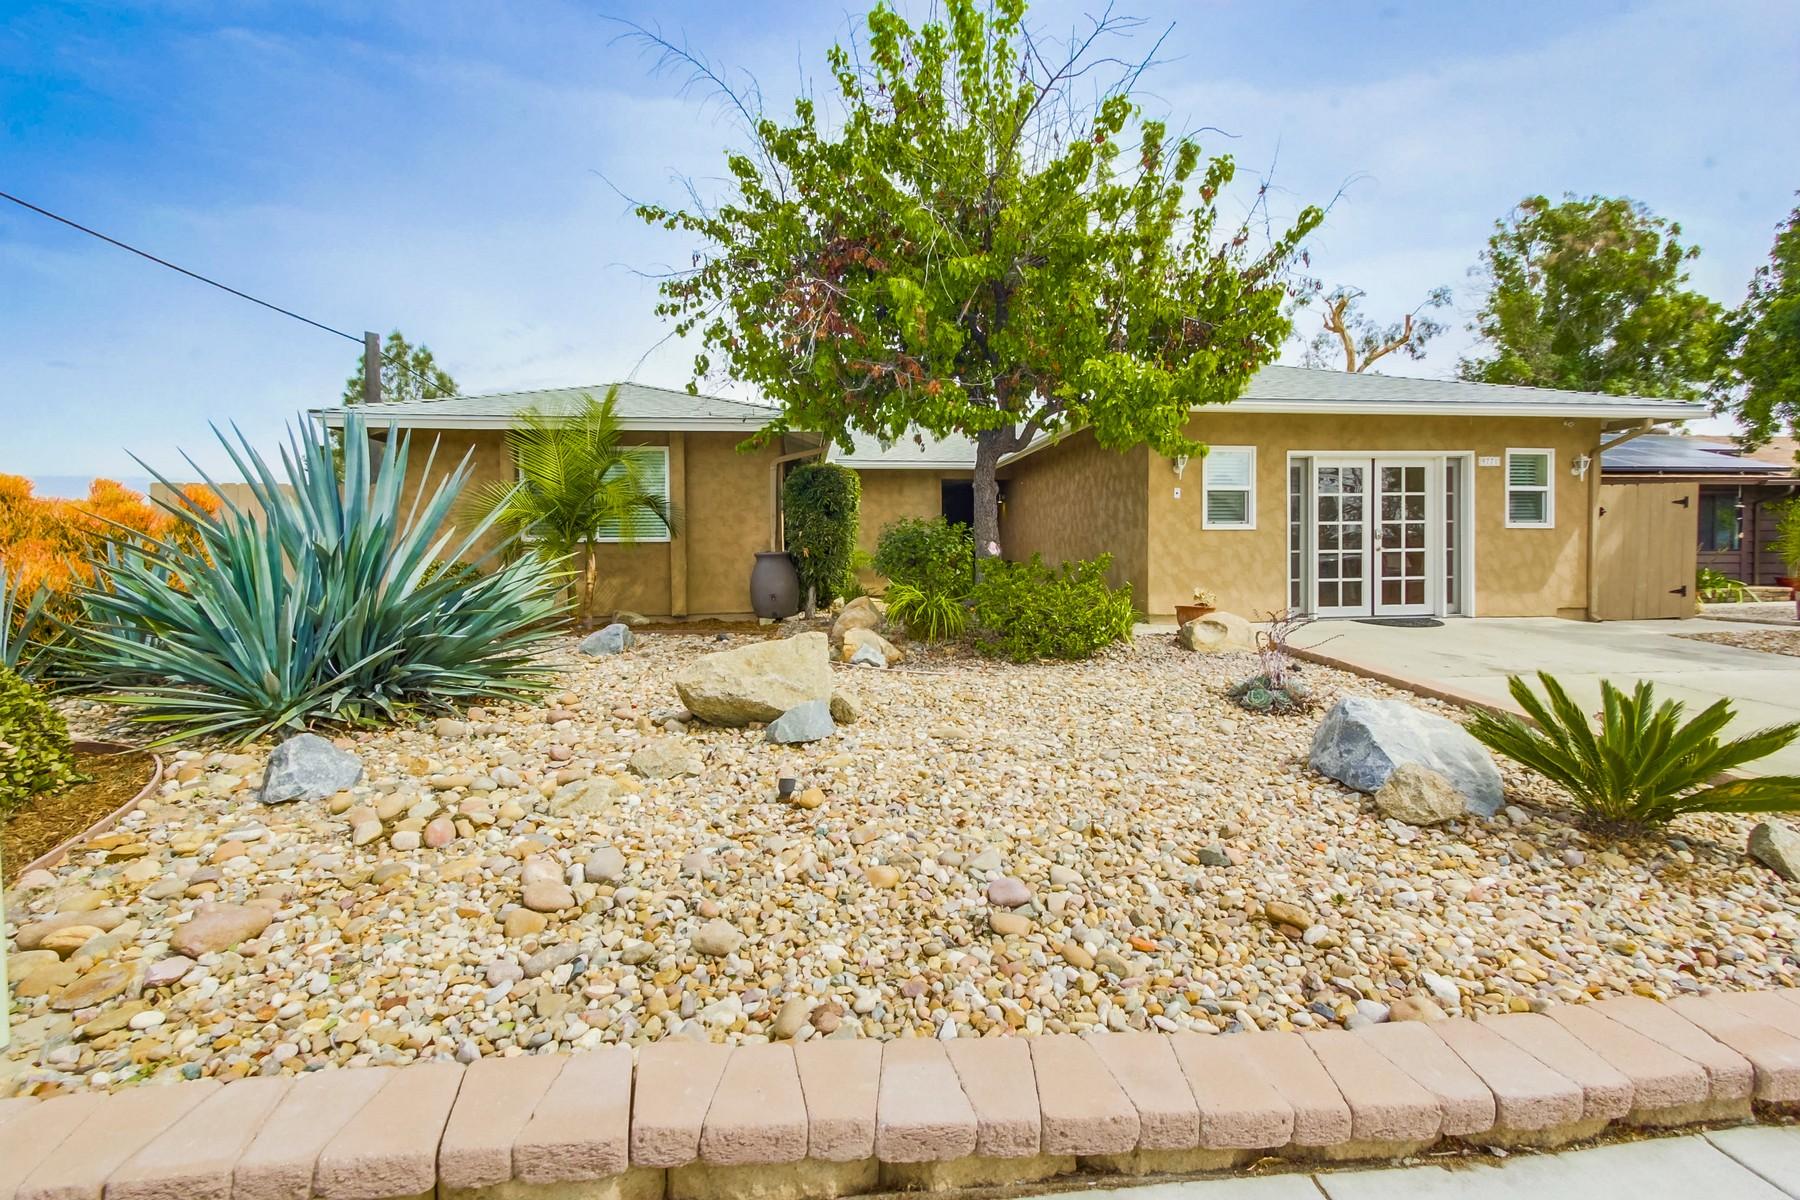 Частный односемейный дом для того Продажа на 9771 Bilteer Drive Santee, Калифорния, 92071 Соединенные Штаты